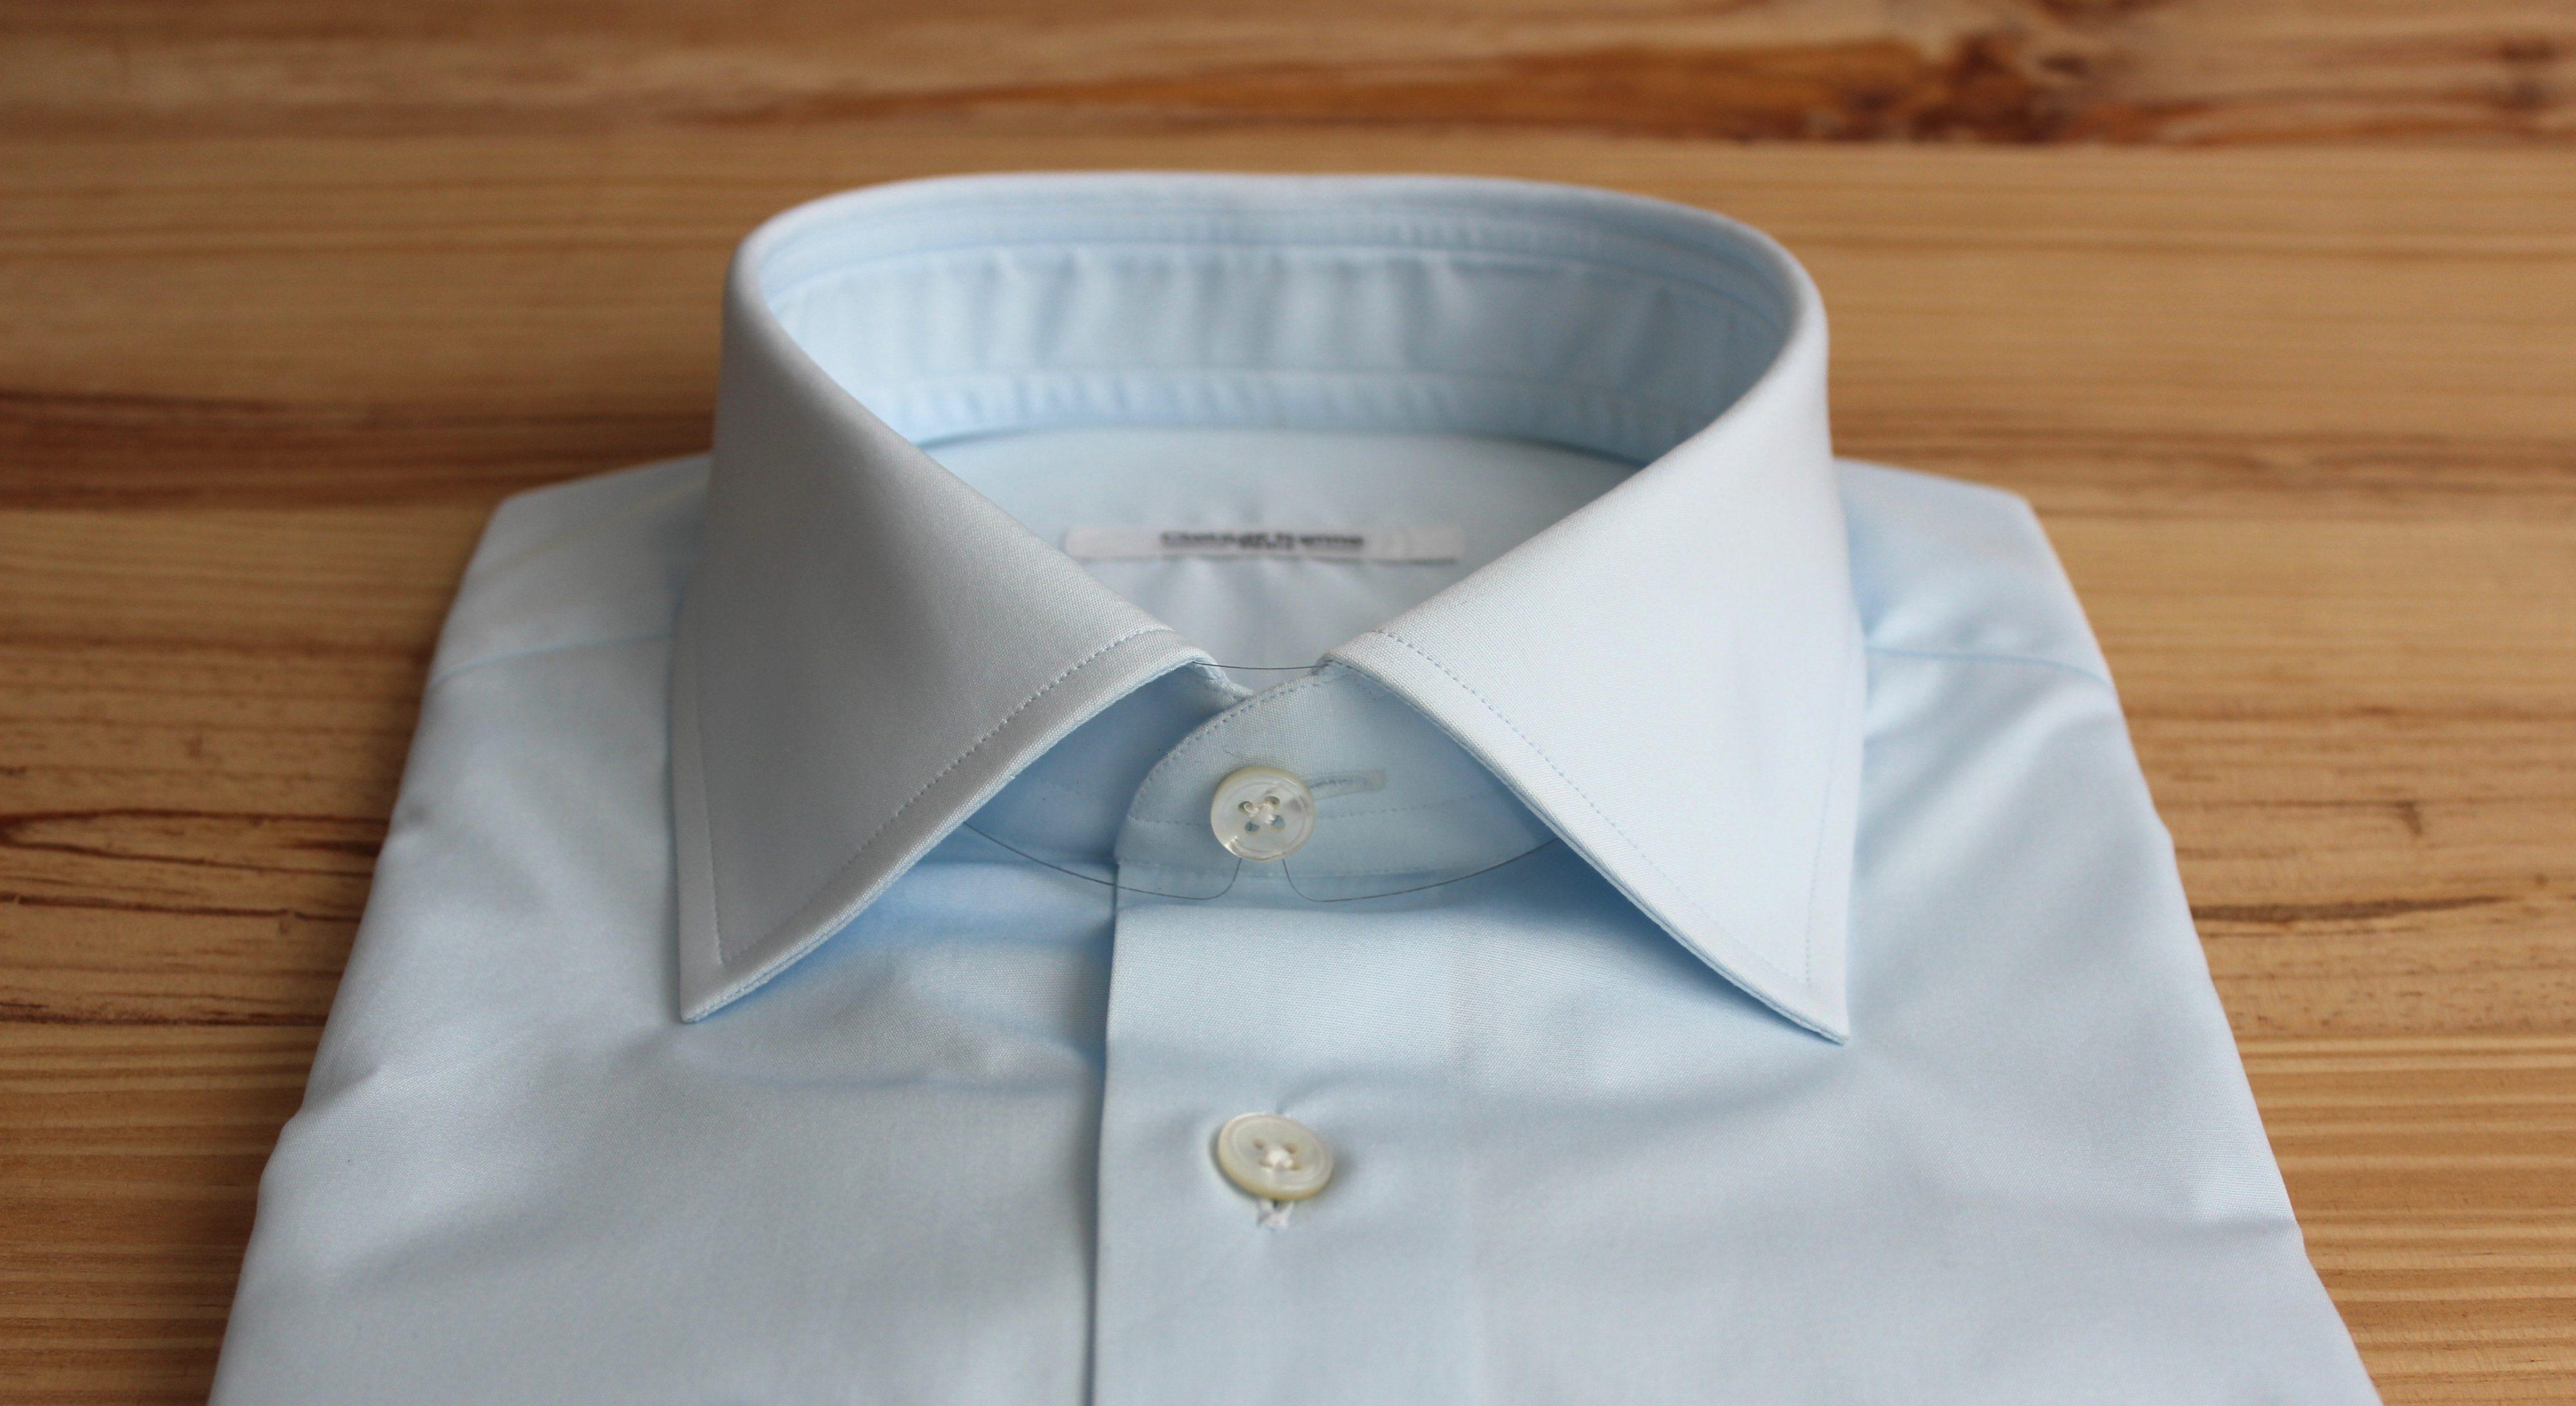 chemise poignets mousquetaires sur mesure , chemise poignets mousquetaires , poignets mousquetaires